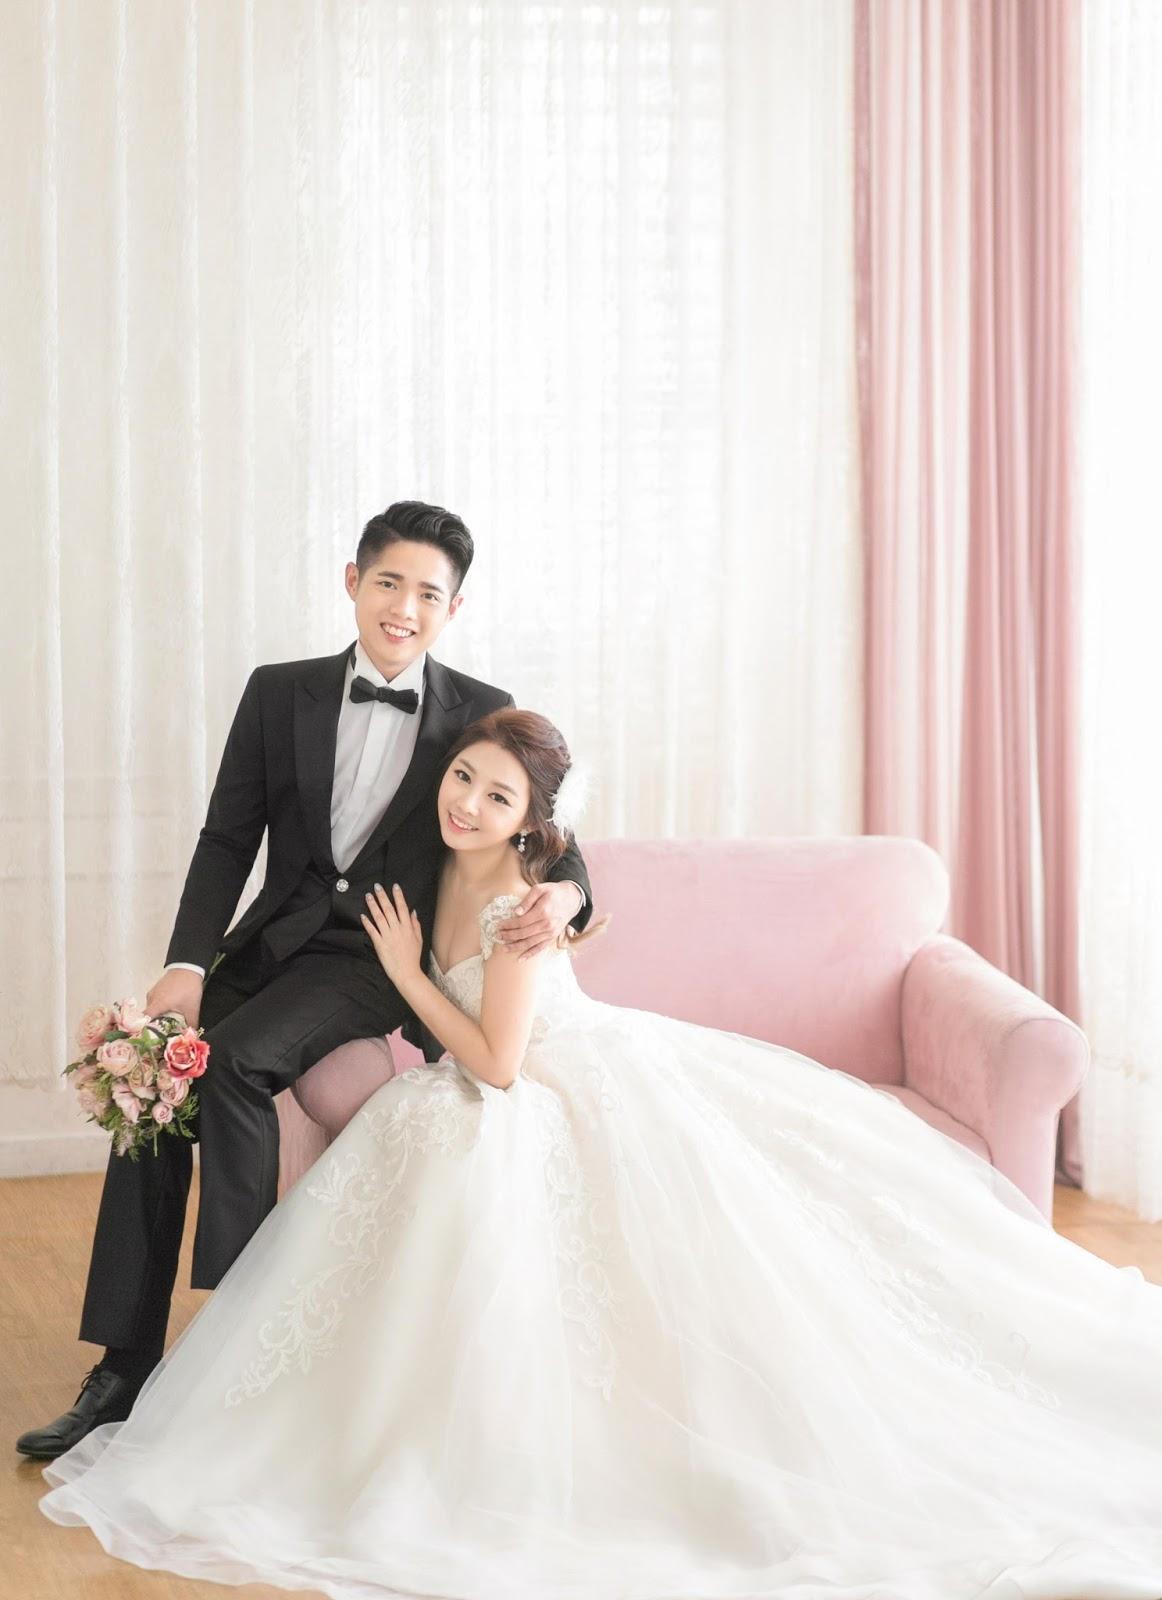 весьма колоритная корейские звезды свадьба фото нежно-розового цвета